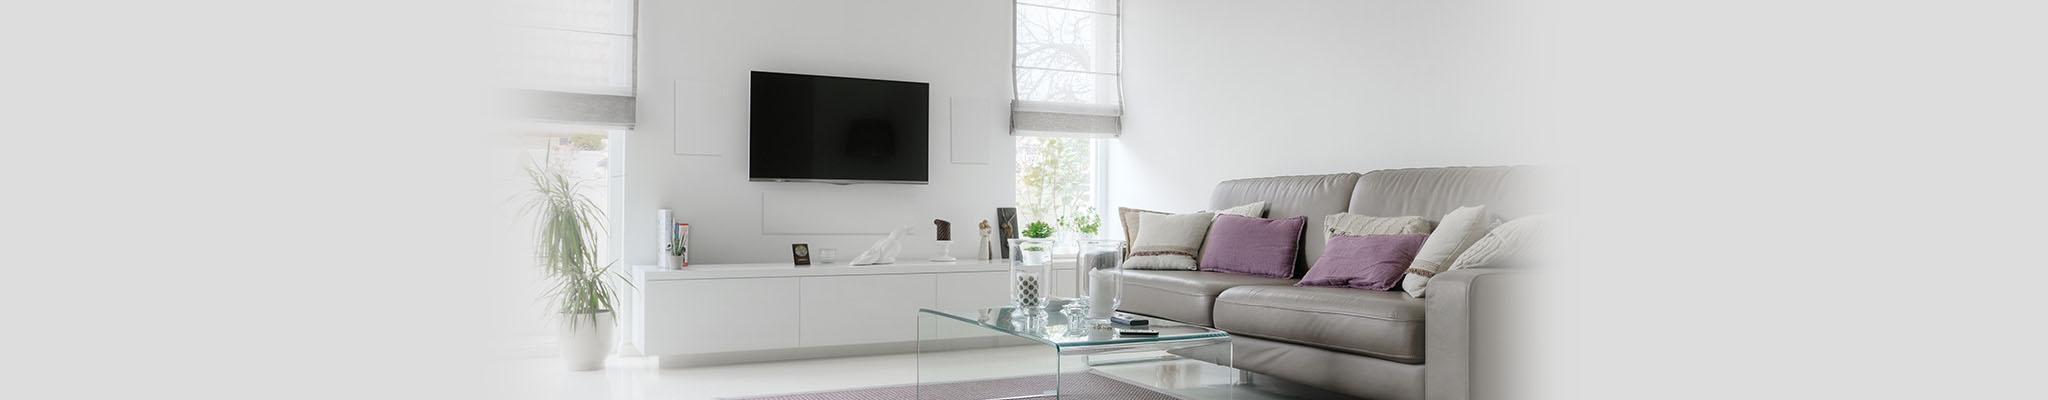 Online Hi-Fi In-Wall/In-Ceiling Speakers